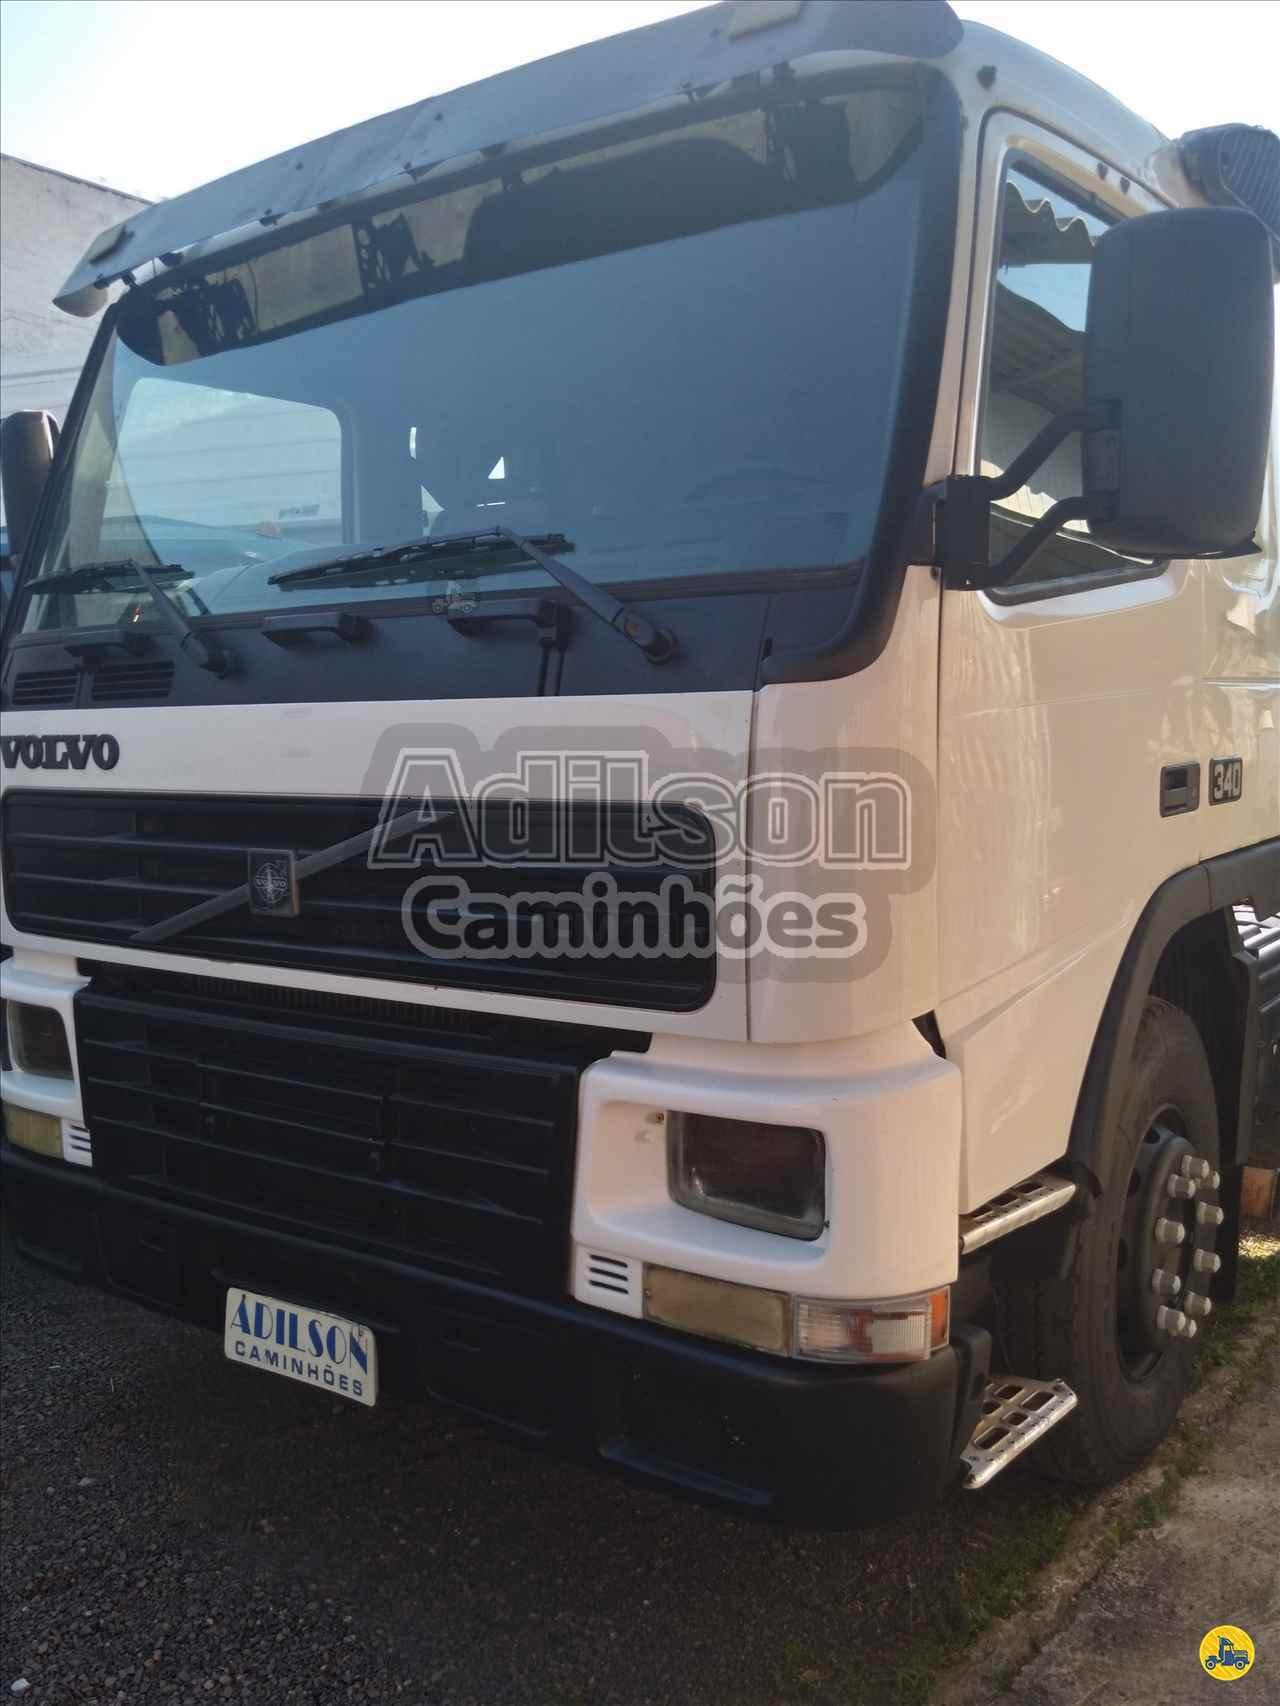 CAMINHAO VOLVO VOLVO FM12 340 Cavalo Mecânico Toco 4x2 Adilson Caminhões PORTO ALEGRE RIO GRANDE DO SUL RS